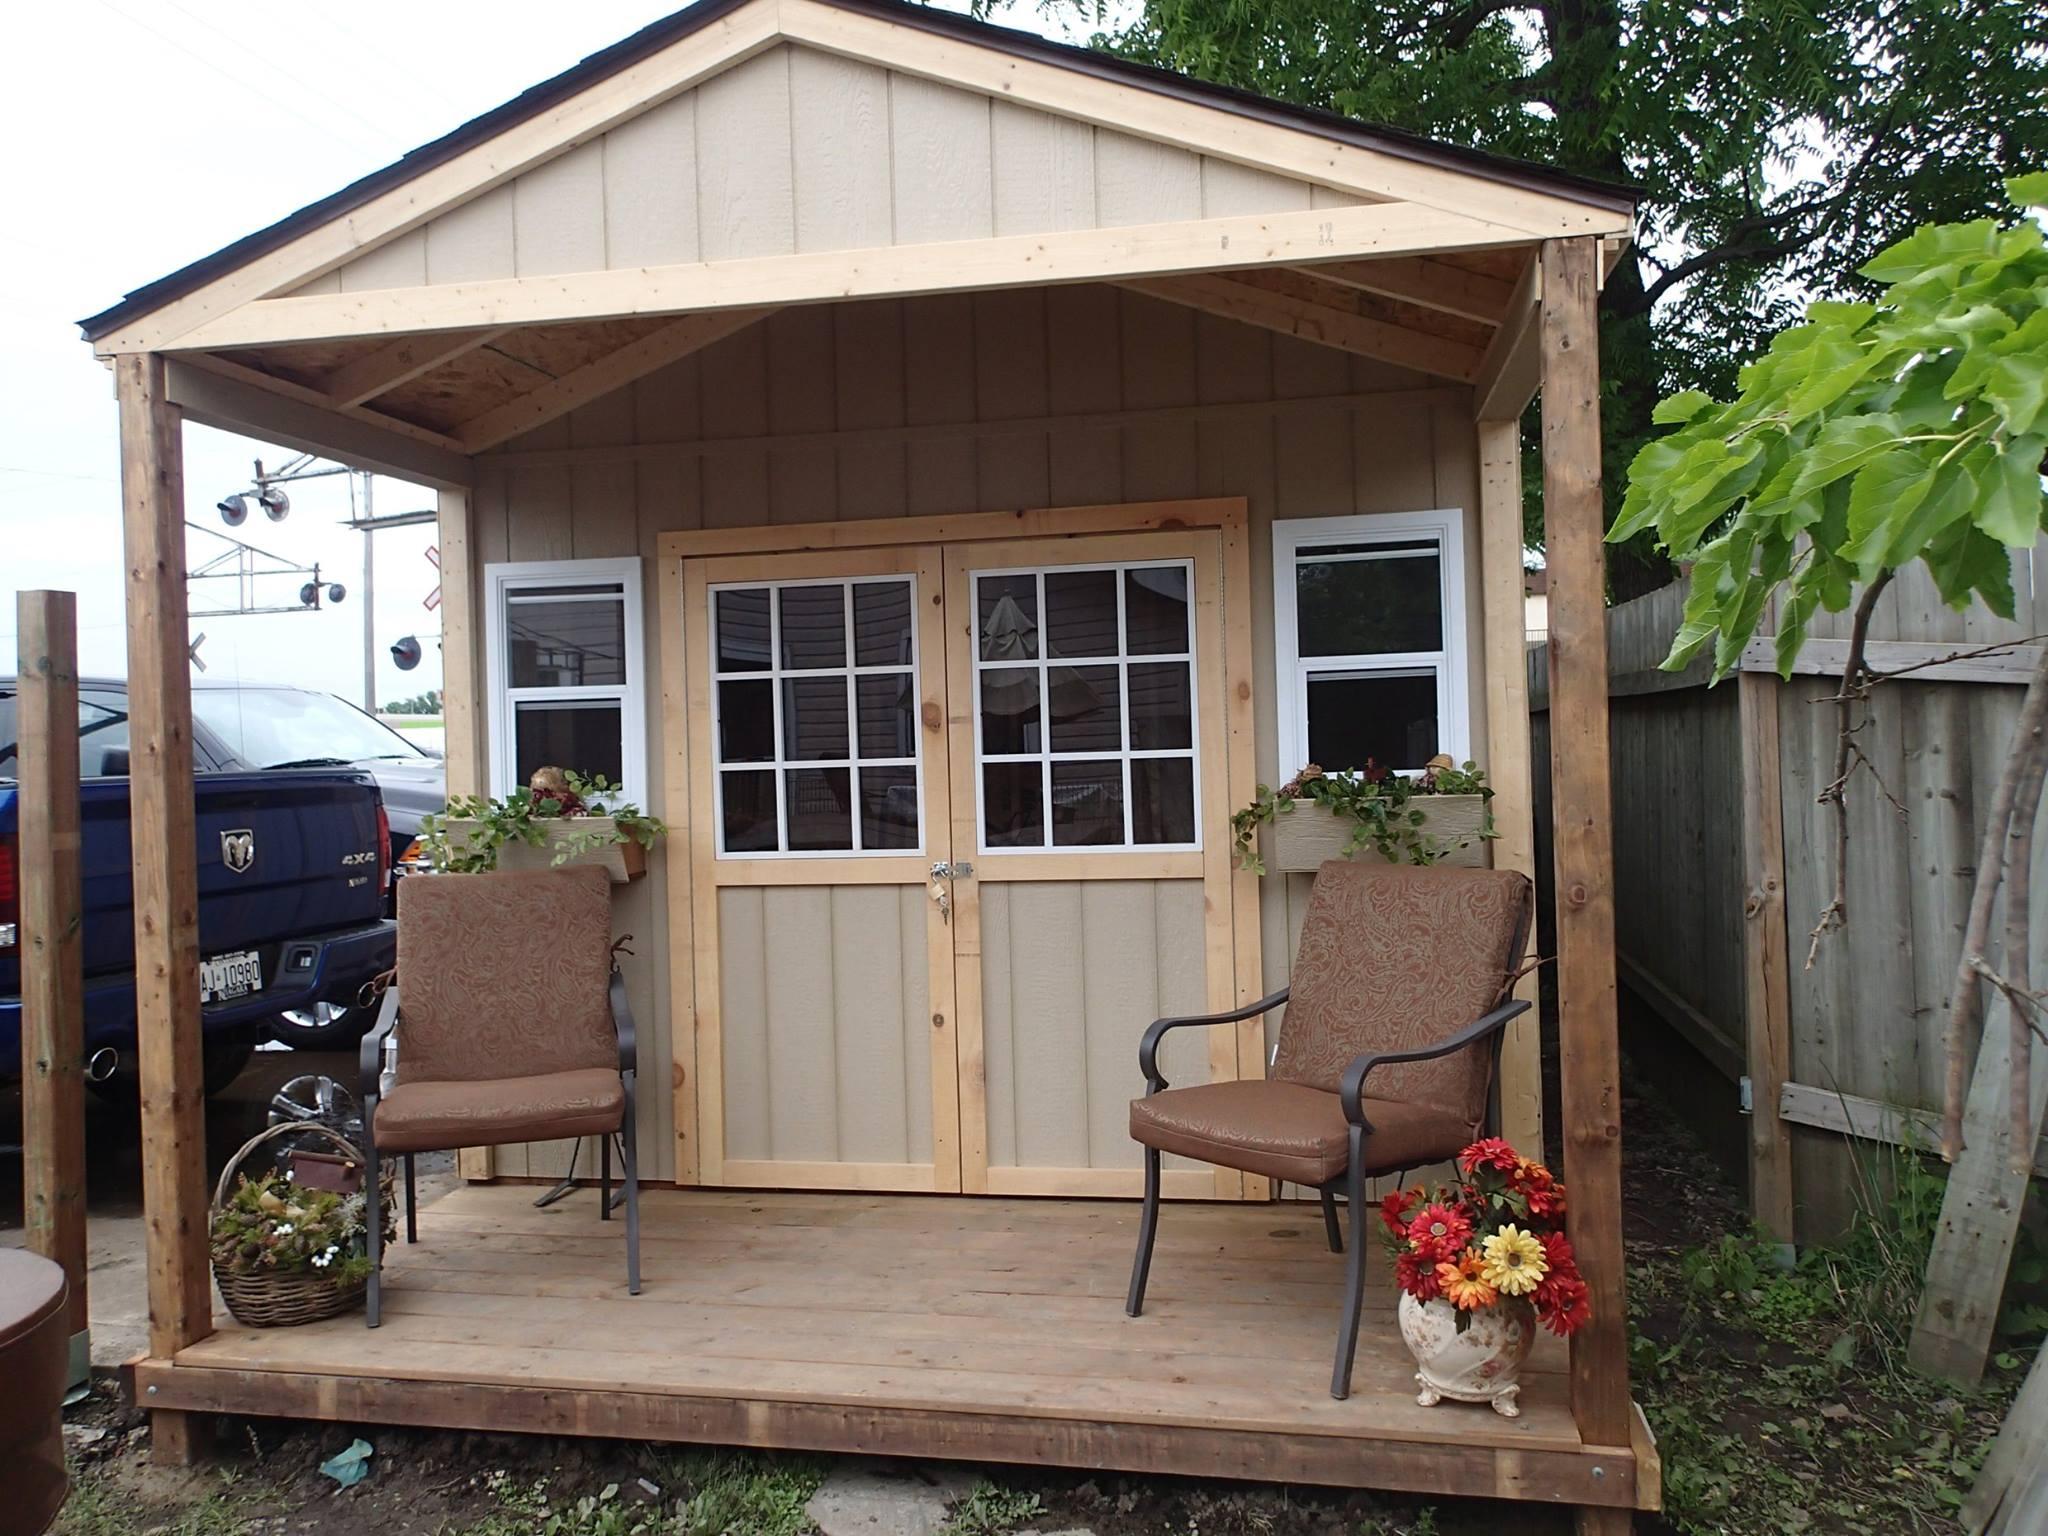 Backyard Garden Storage Sheds Hamilton In The Back Yard